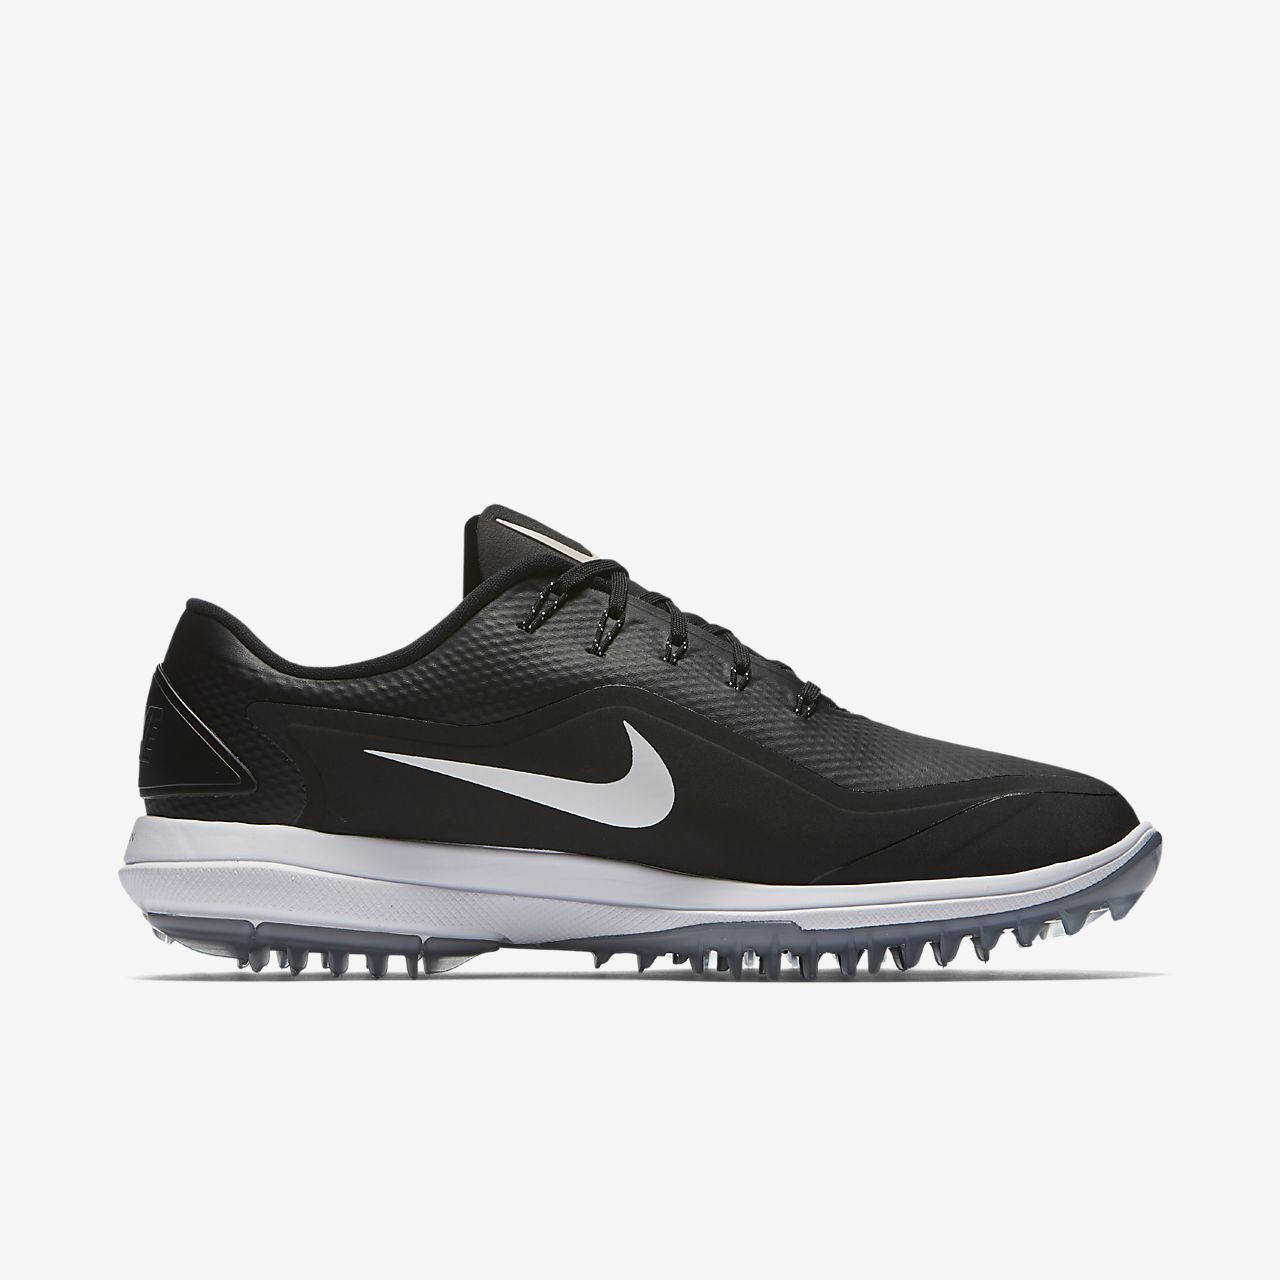 Nike Lunar Control Vapor 2 Herren Golfschuh (Weit)